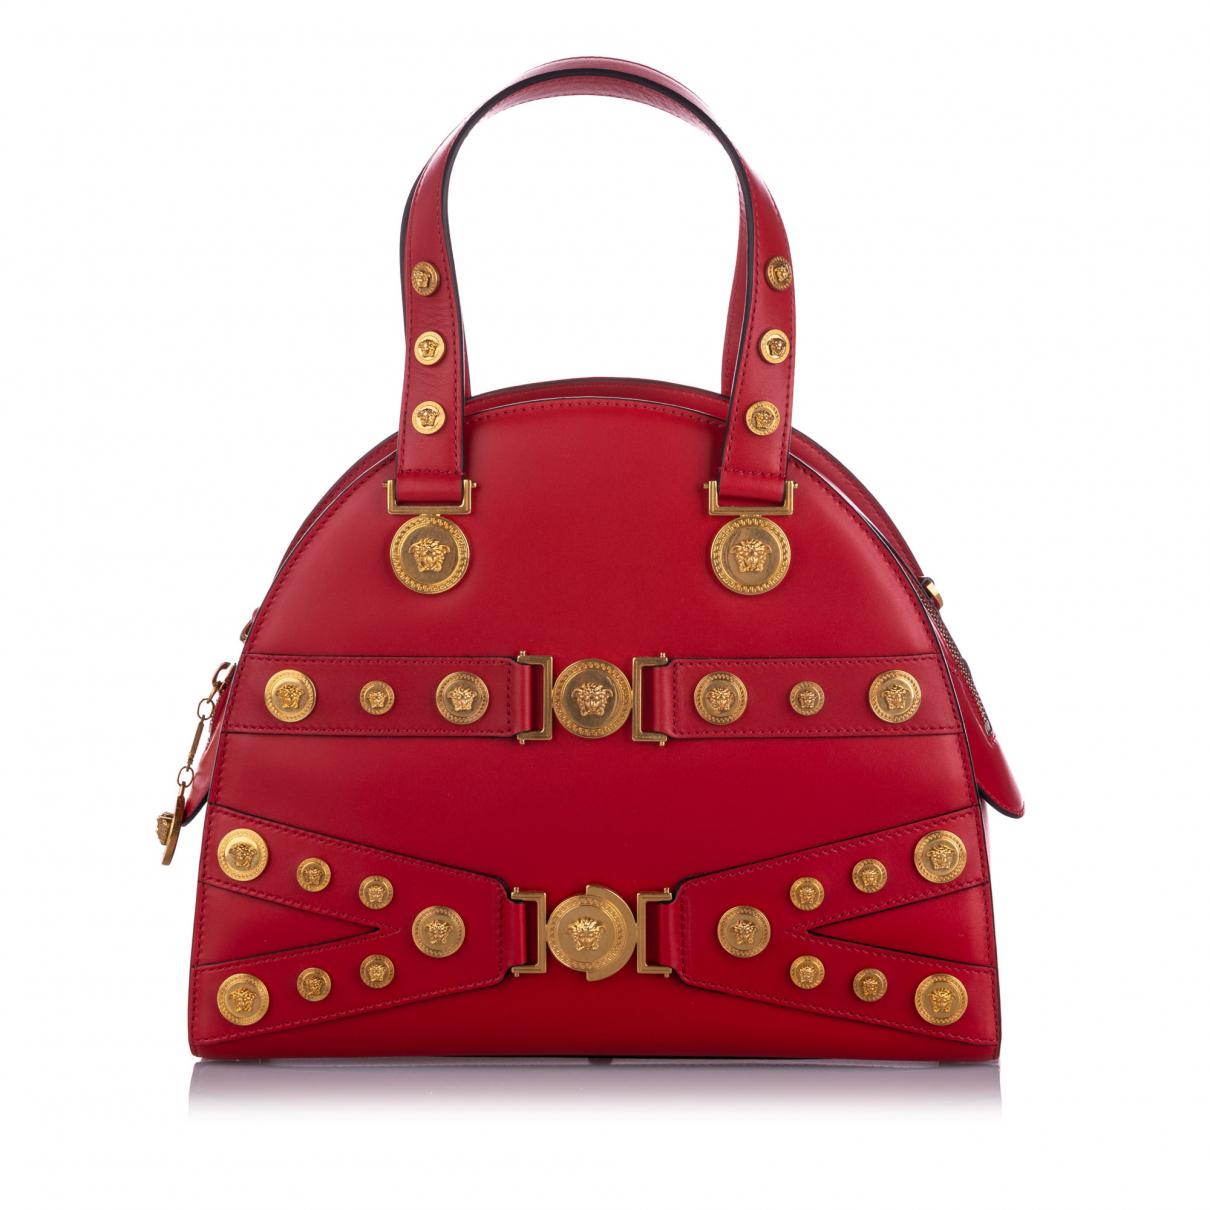 Versace N Red Leather handbag for Women N